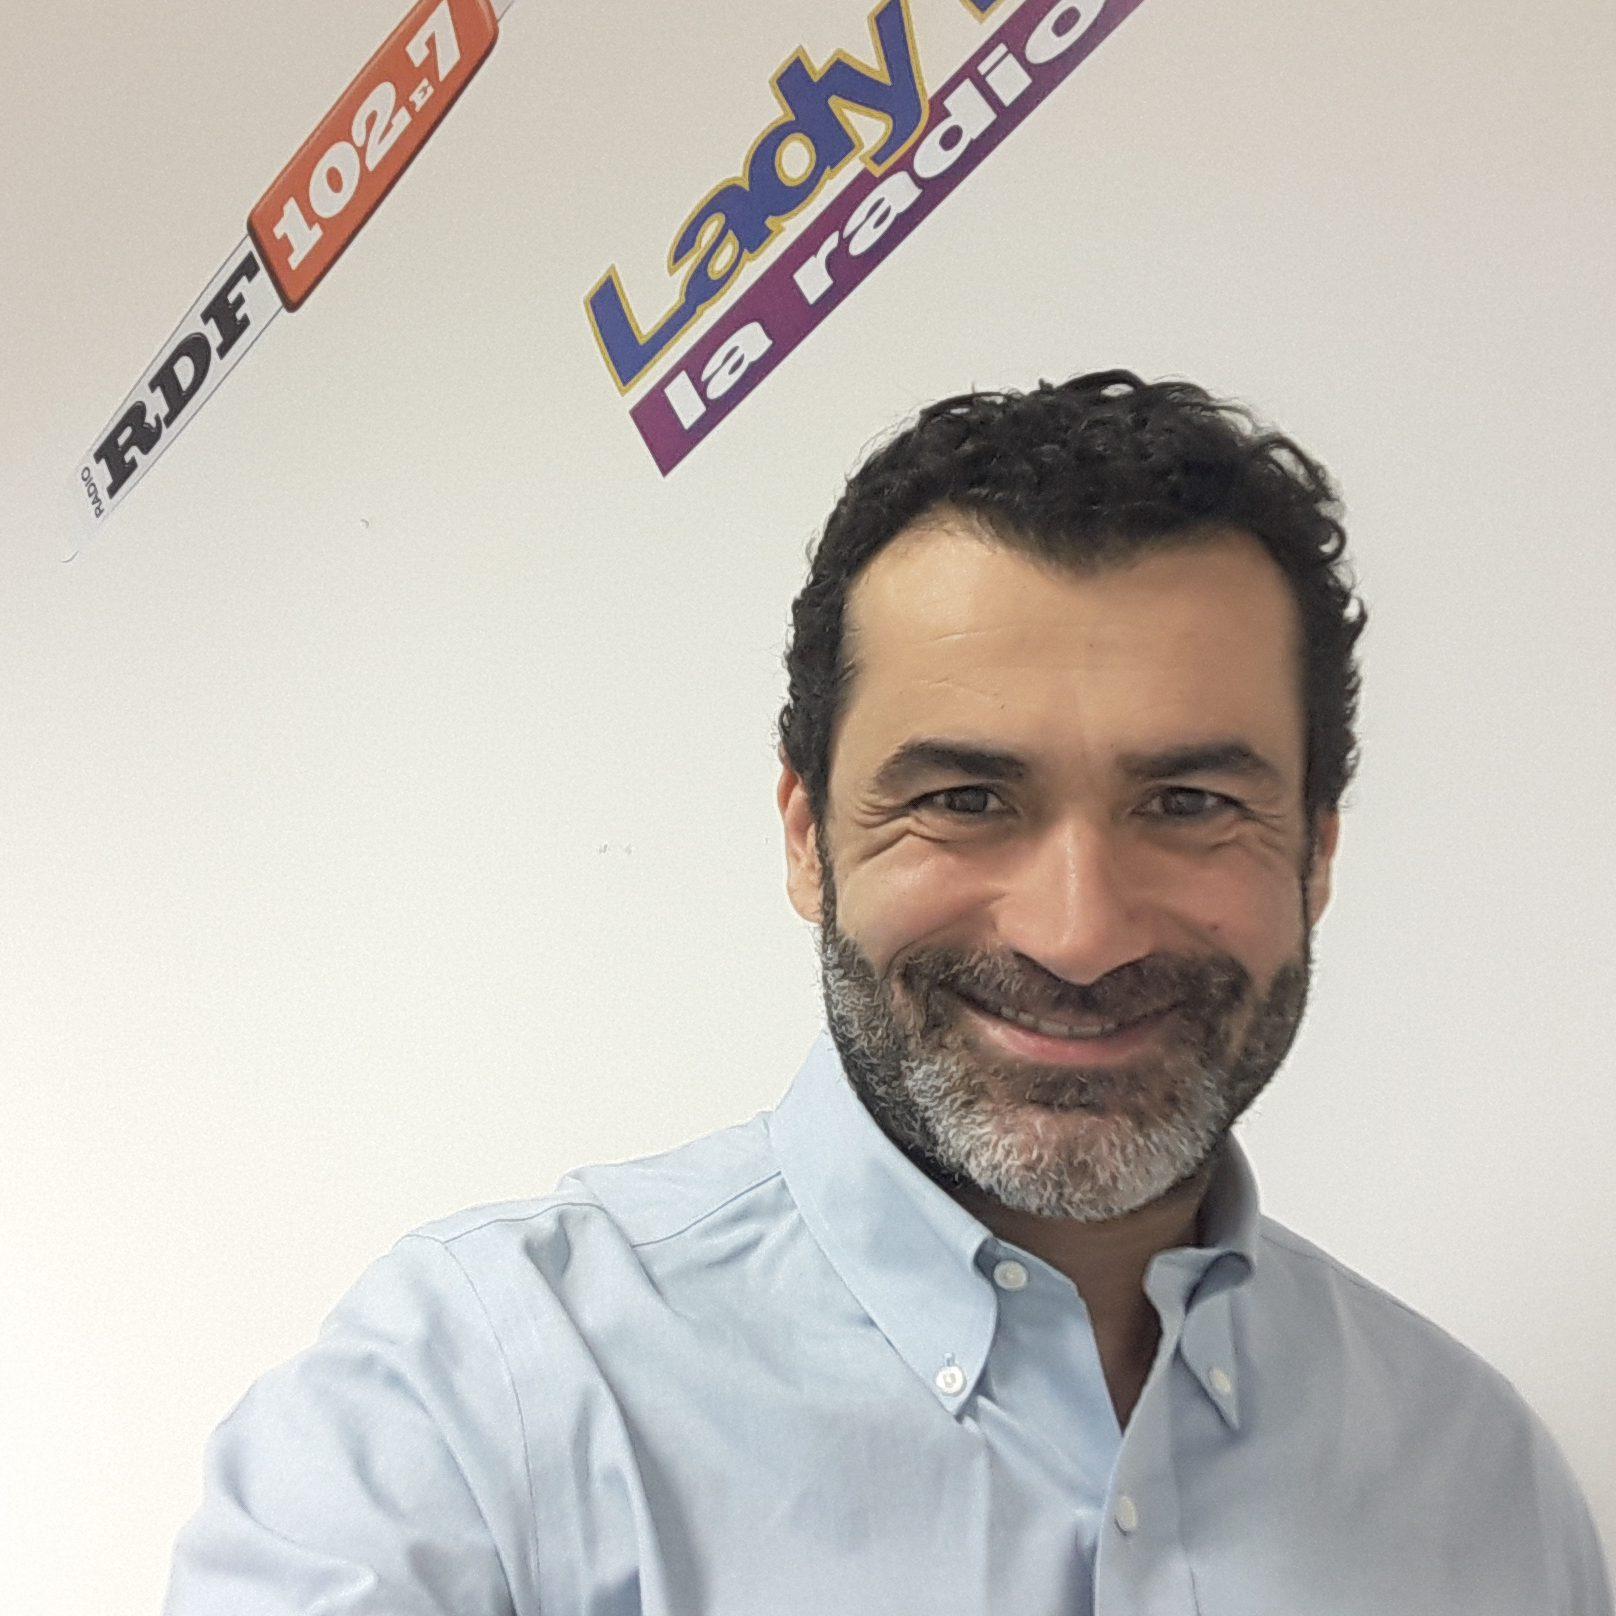 Leonardo Liuzzi